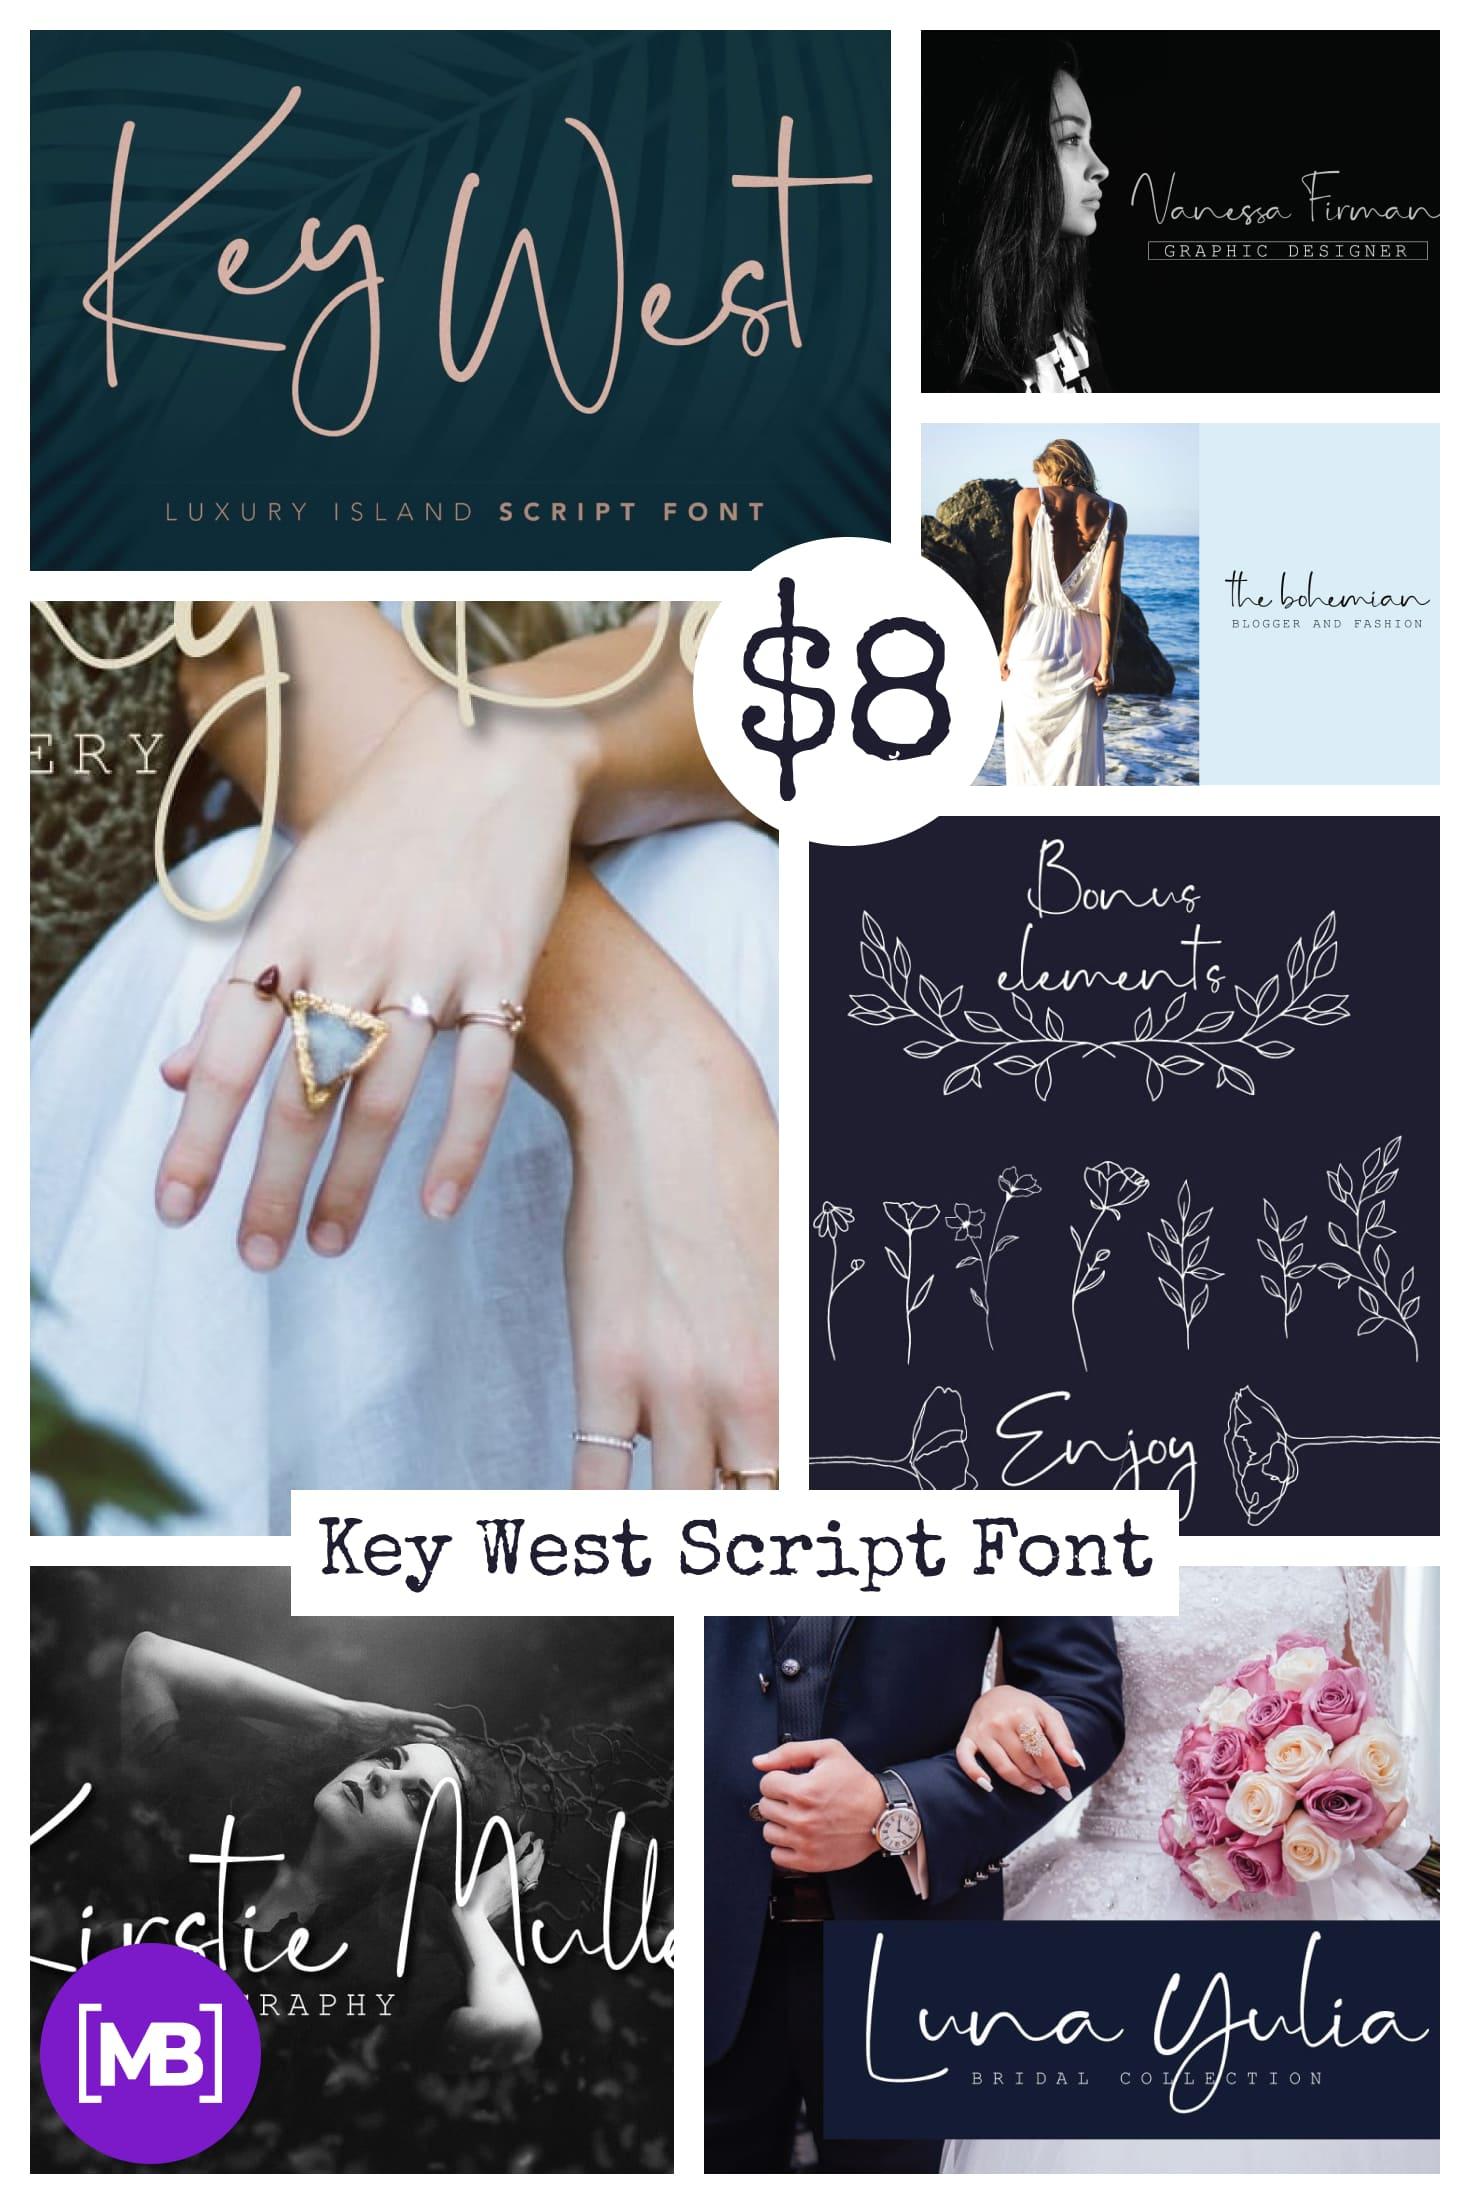 Key West Script Font - $8. Collage Image.